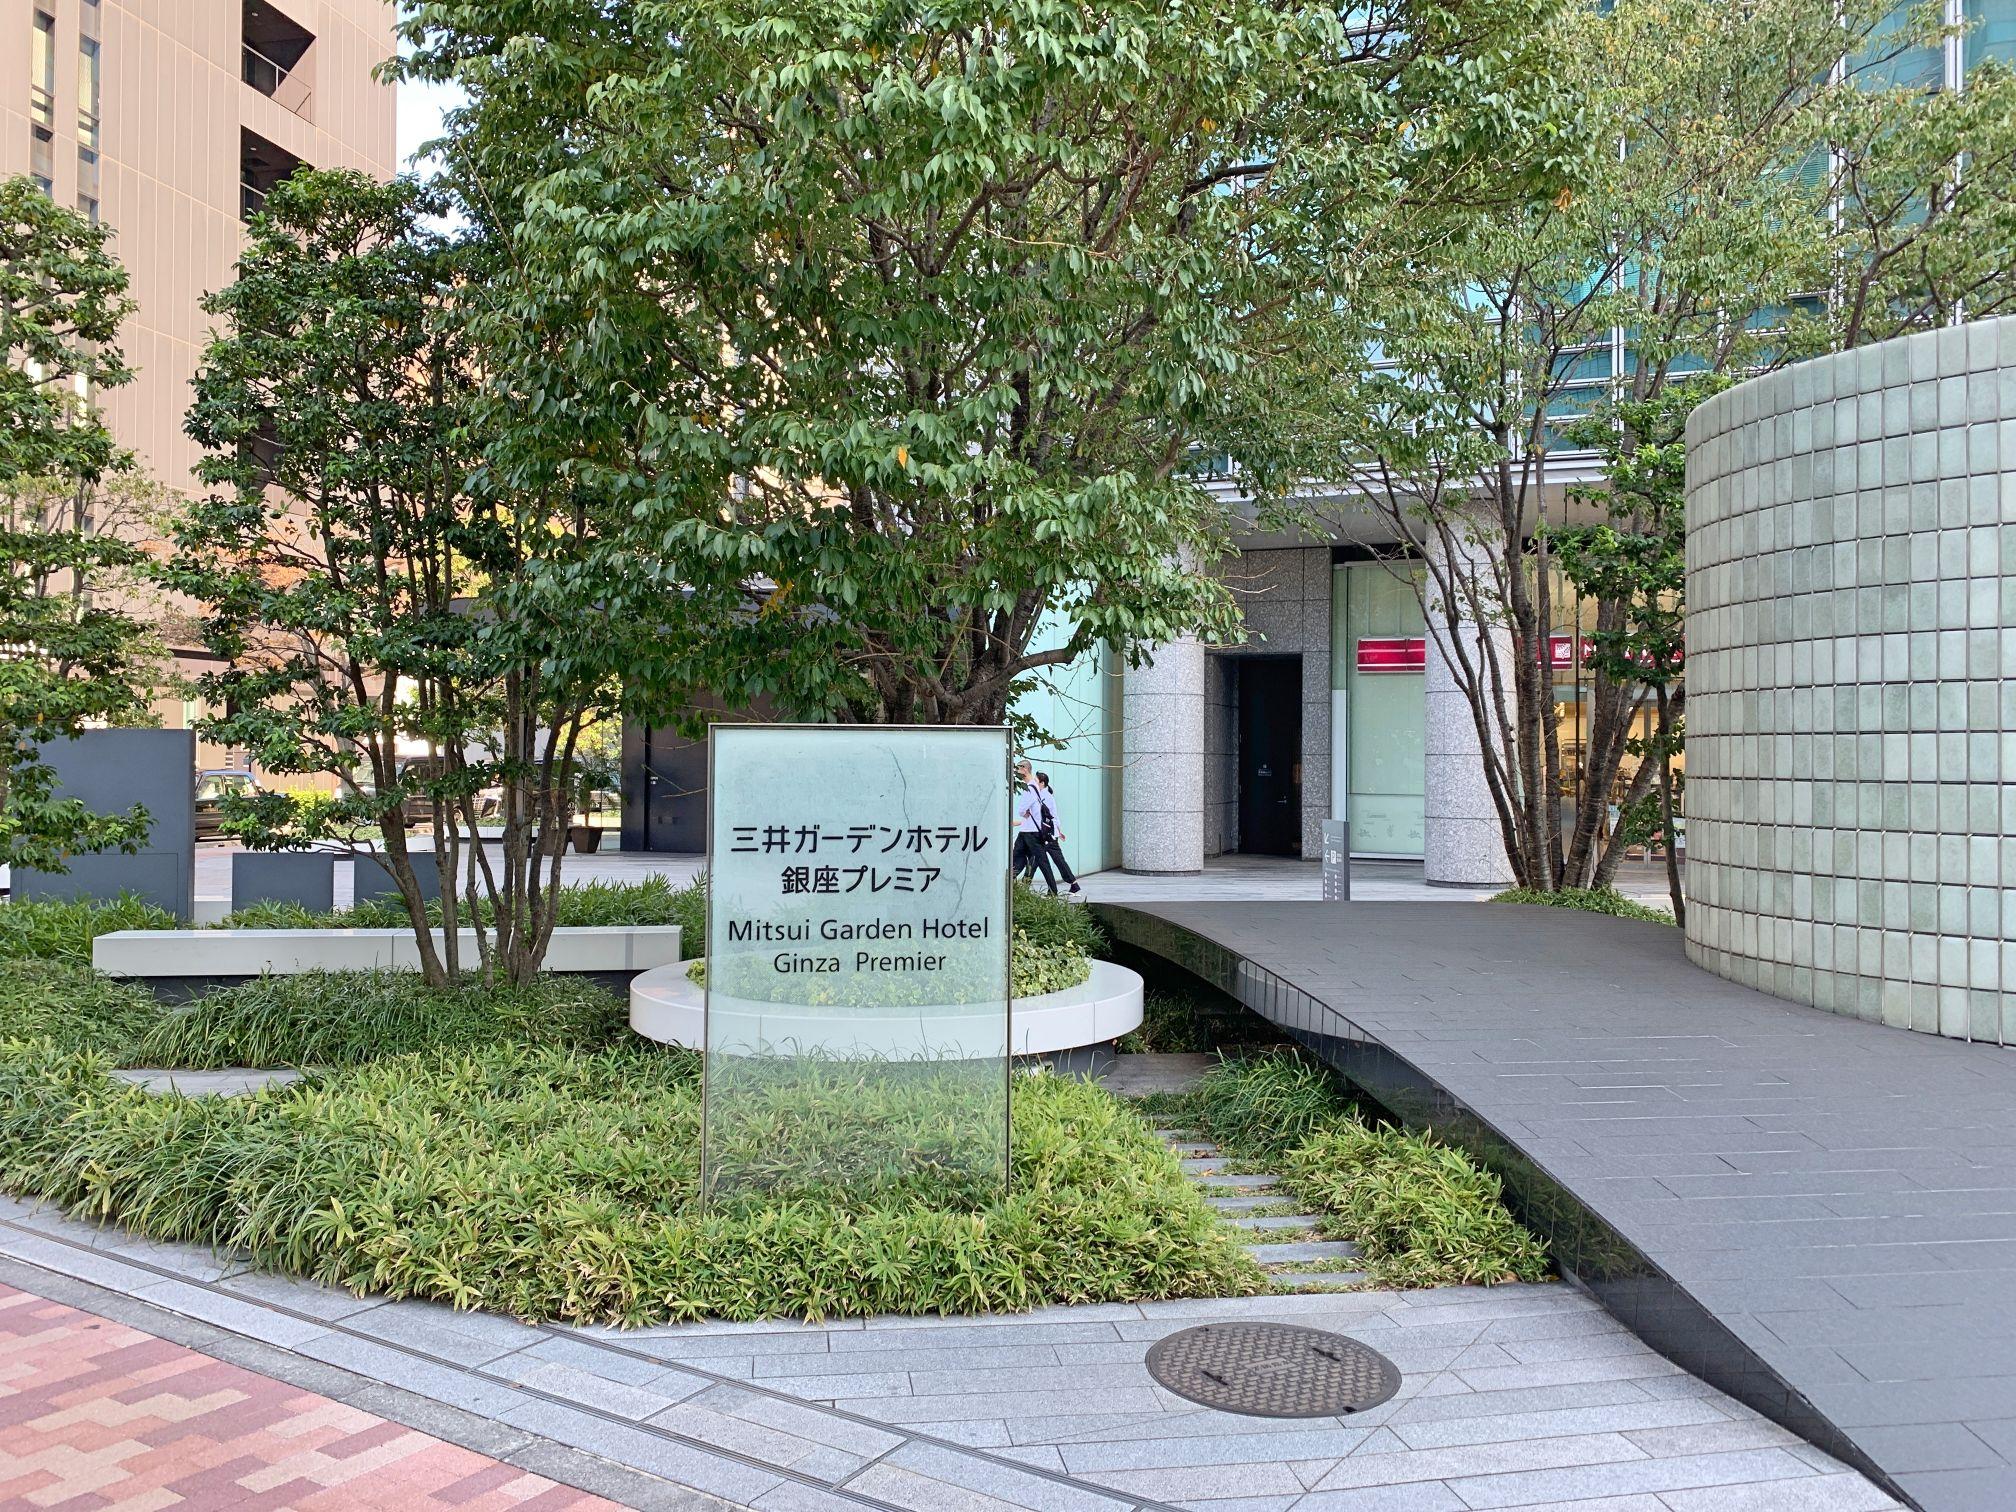 三井ガーデンホテル銀座プレミアのブログ宿泊記!実際に泊まった感想と口コミ